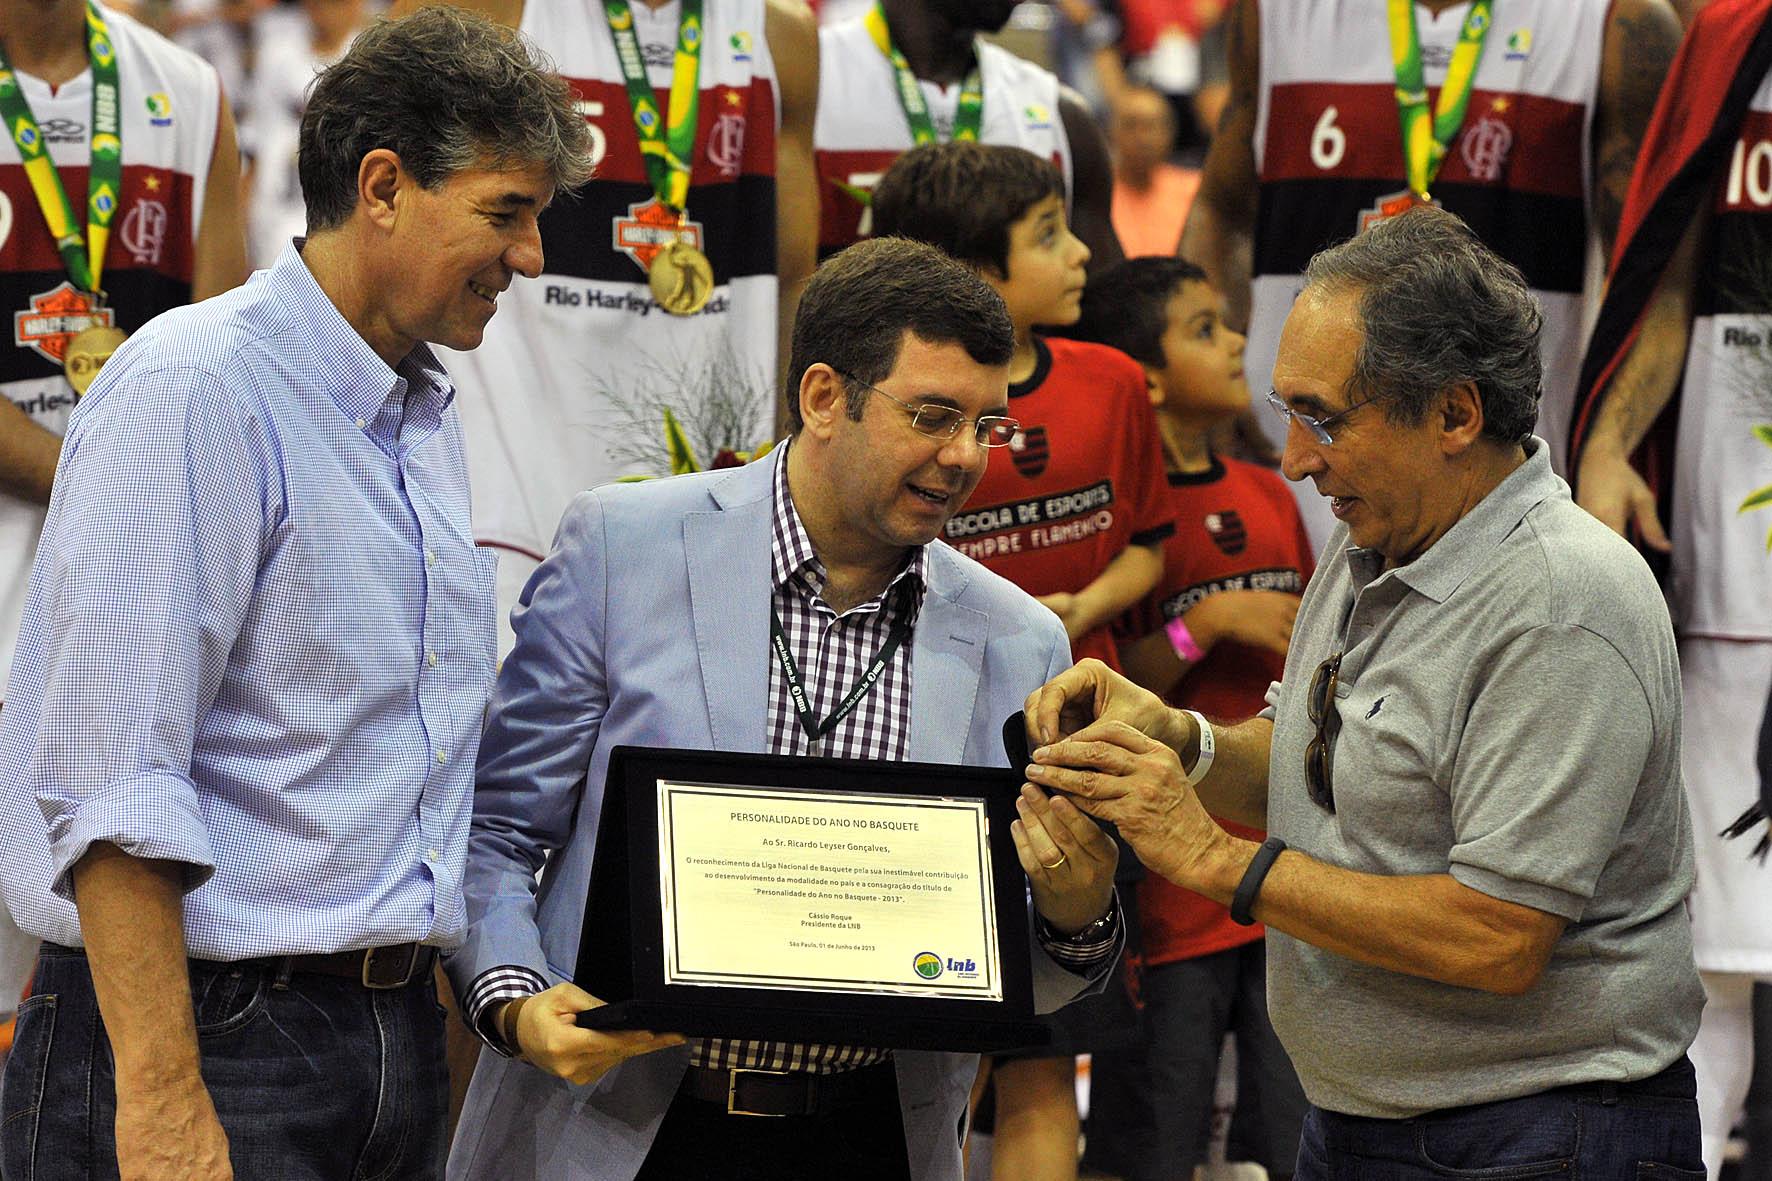 Ricardo Leyser, Personalidade do Ano no Basquete